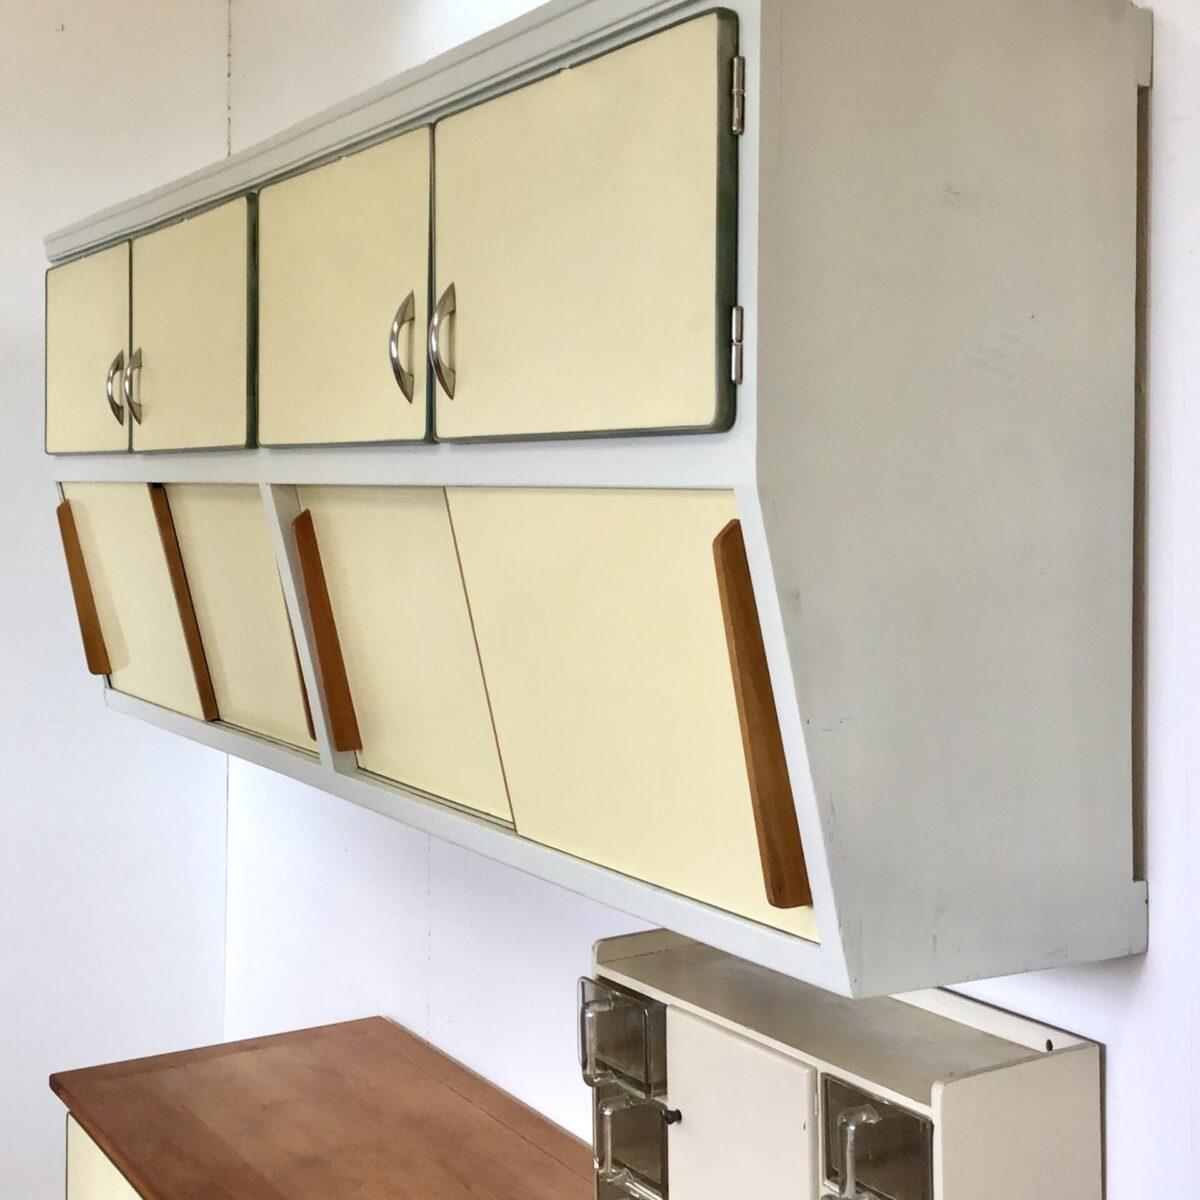 Alte Küchen Kombination frisch aufbereitet. Das Büffet ist 162x53cm Höhe 89cm. Es steht auf einem Buchenholz Sockel. Die Arbeitsplatte ist ebenfalls aus Buche Vollholz. Der lange Oberschrank ist unten, leicht nach hinten abgeschrägt. 213x43.5cm Höhe 82.5cm, die untere Tiefe misst 32cm. Die Möbel sind weiss cremig angemalt. Schubladen und Türfronten aus leicht gelblichem Kunstharz (Kelko). Kleinere Schrammen, und ein paar Absplitterungen der grünen Kunststoffumrandung sind die Zeichen der Zeit. Das Möbel ist gereinigt und in gebrauchsfertigem Zustand, die paar fehlenden Tablare werden noch ersetzt.